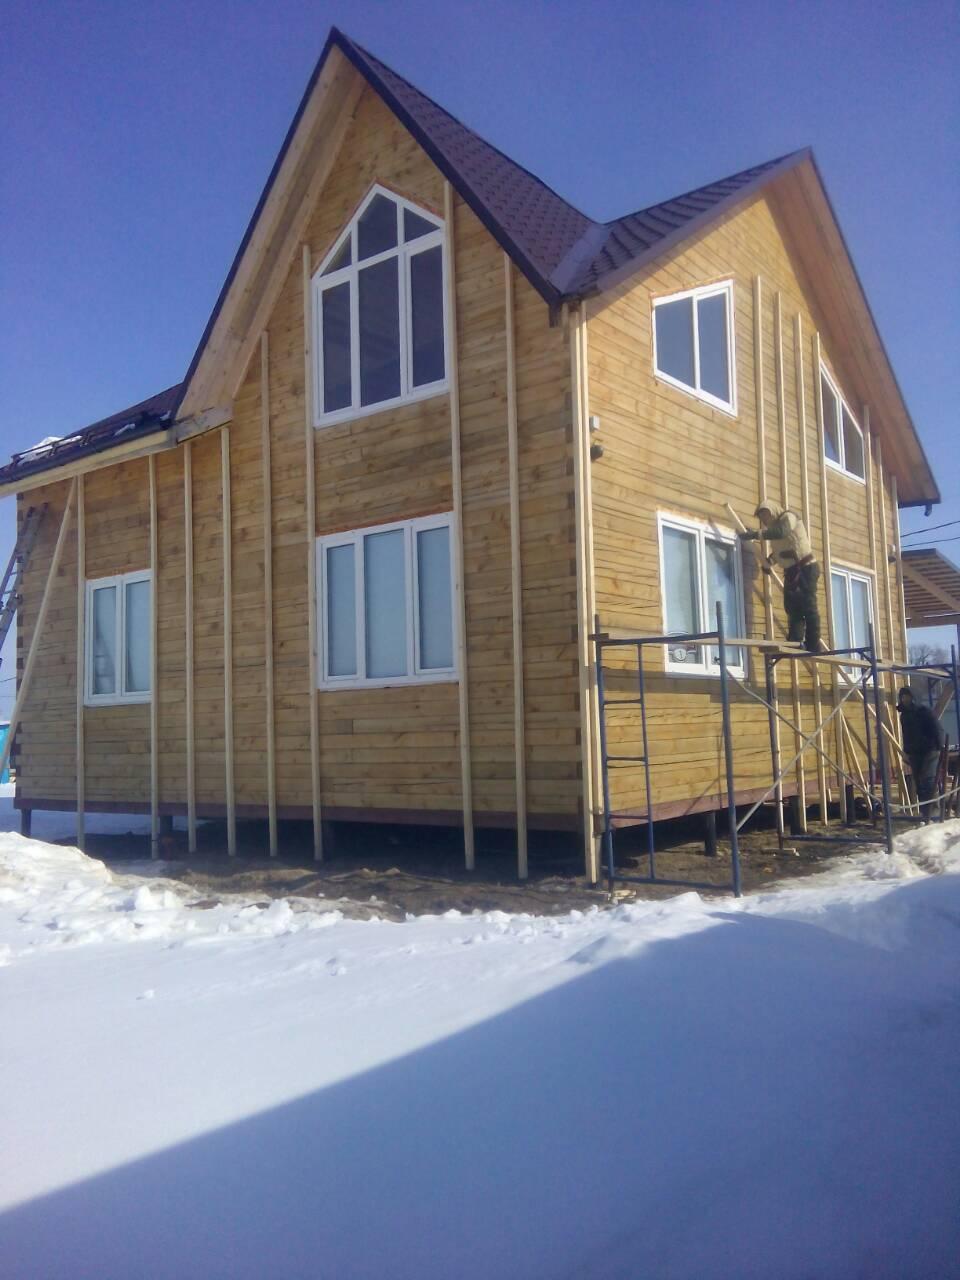 Объект № 57. Обшивка дома сайдингом с утеплением